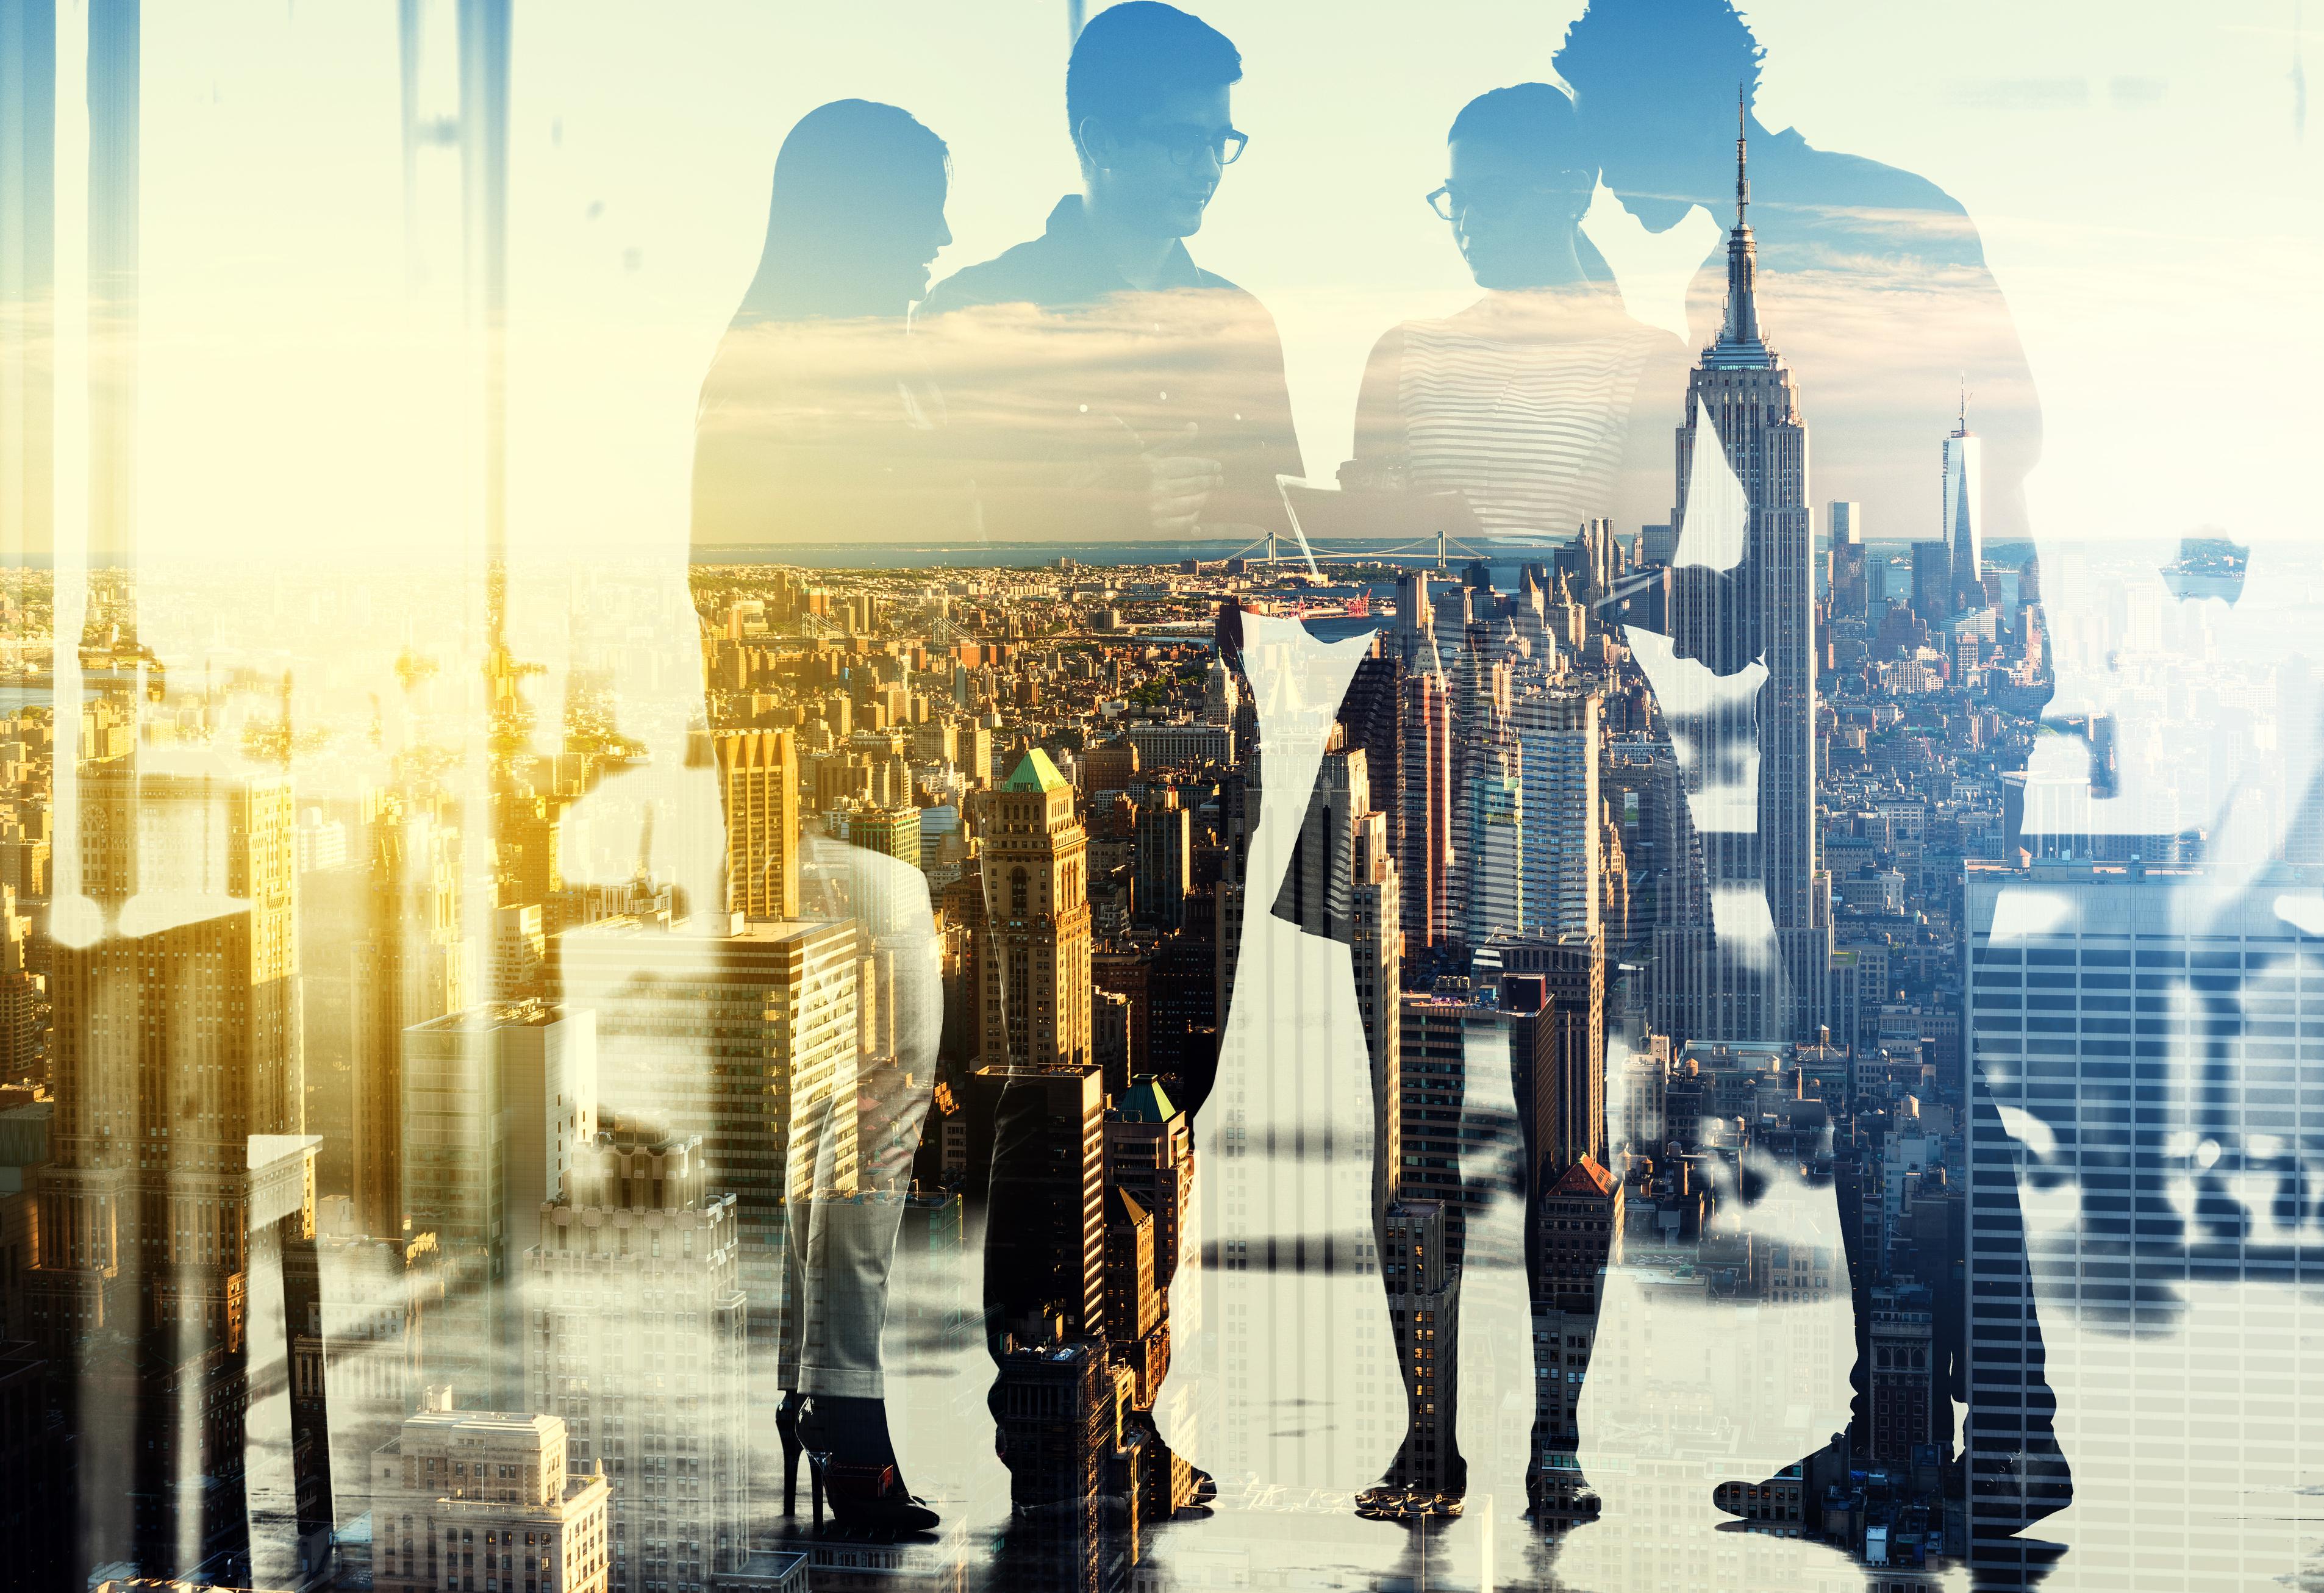 Jysk Rejsebureau har stor vækst i salget af forretningsrejser. Foto: Jysk Rejsebureau